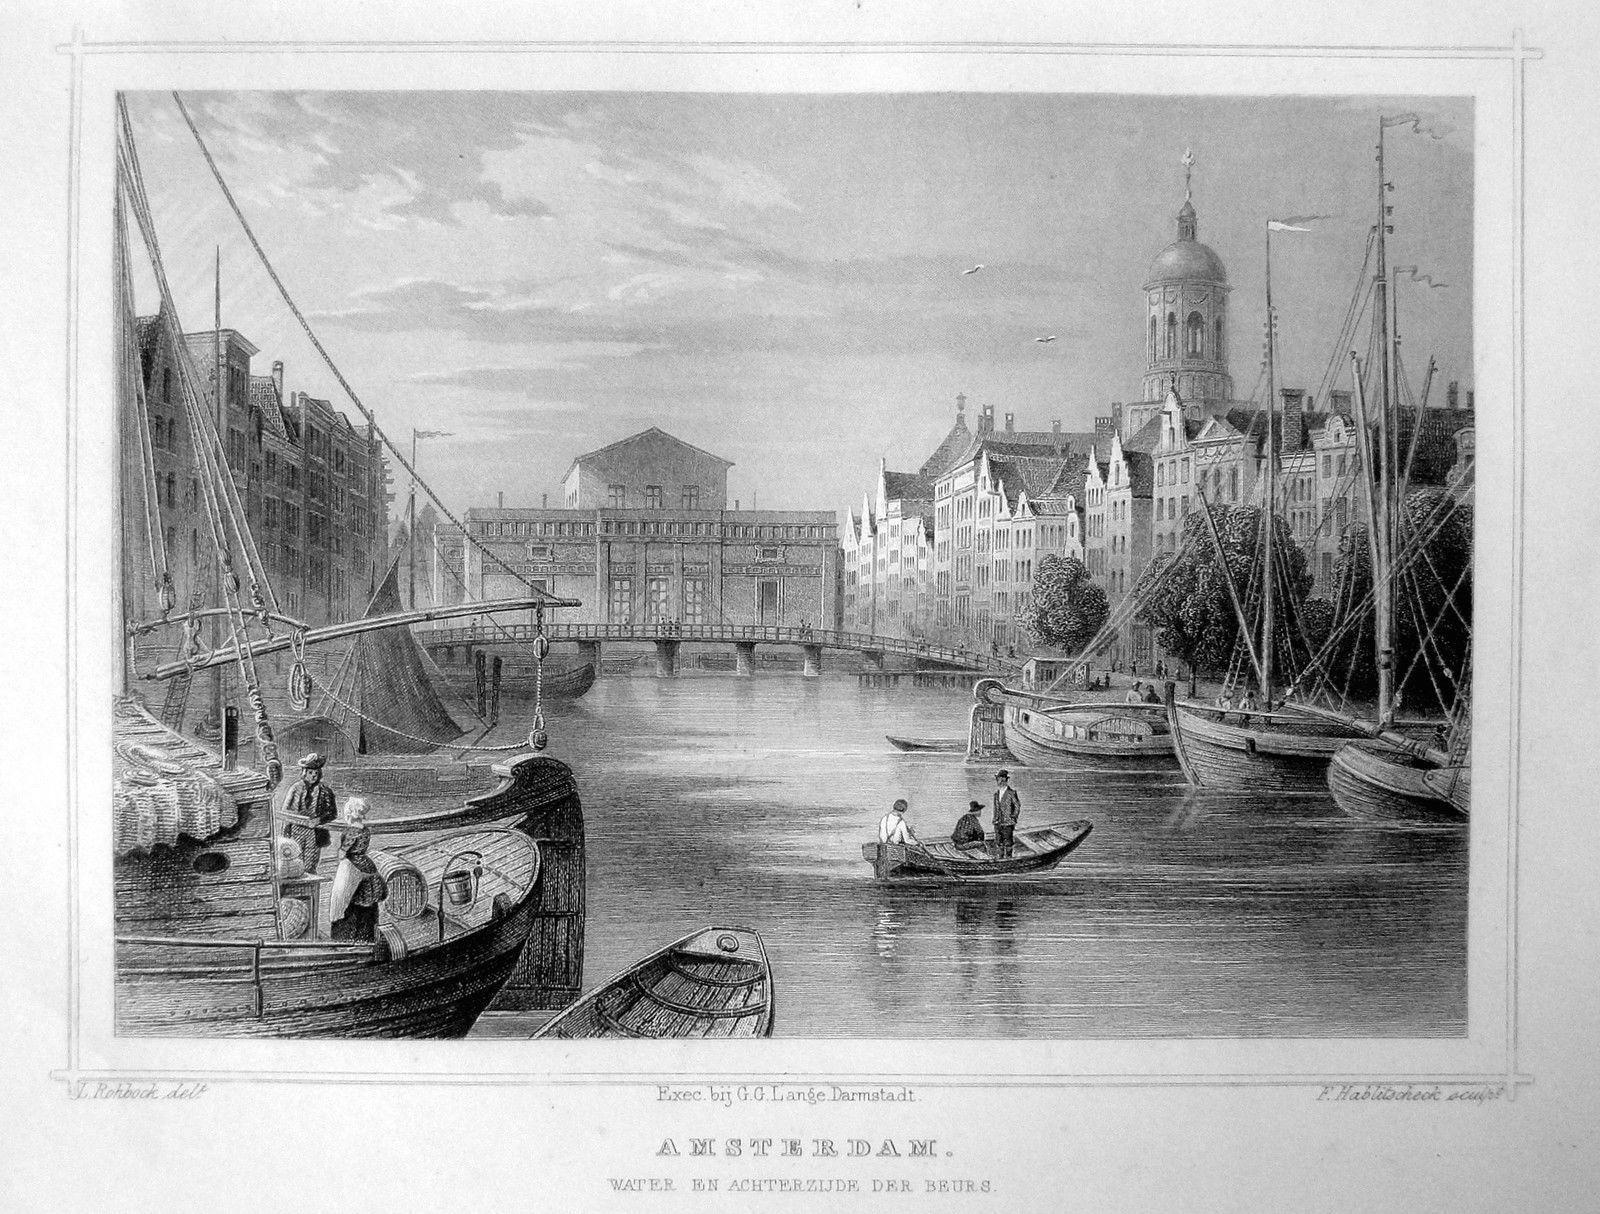 Amsterdam-Achterzijde de Beurs | Herkomst : J.L. Terwen - Het Koningrijk der Nederlanden, afm. 14 x 20 cm Staalgravure 1860